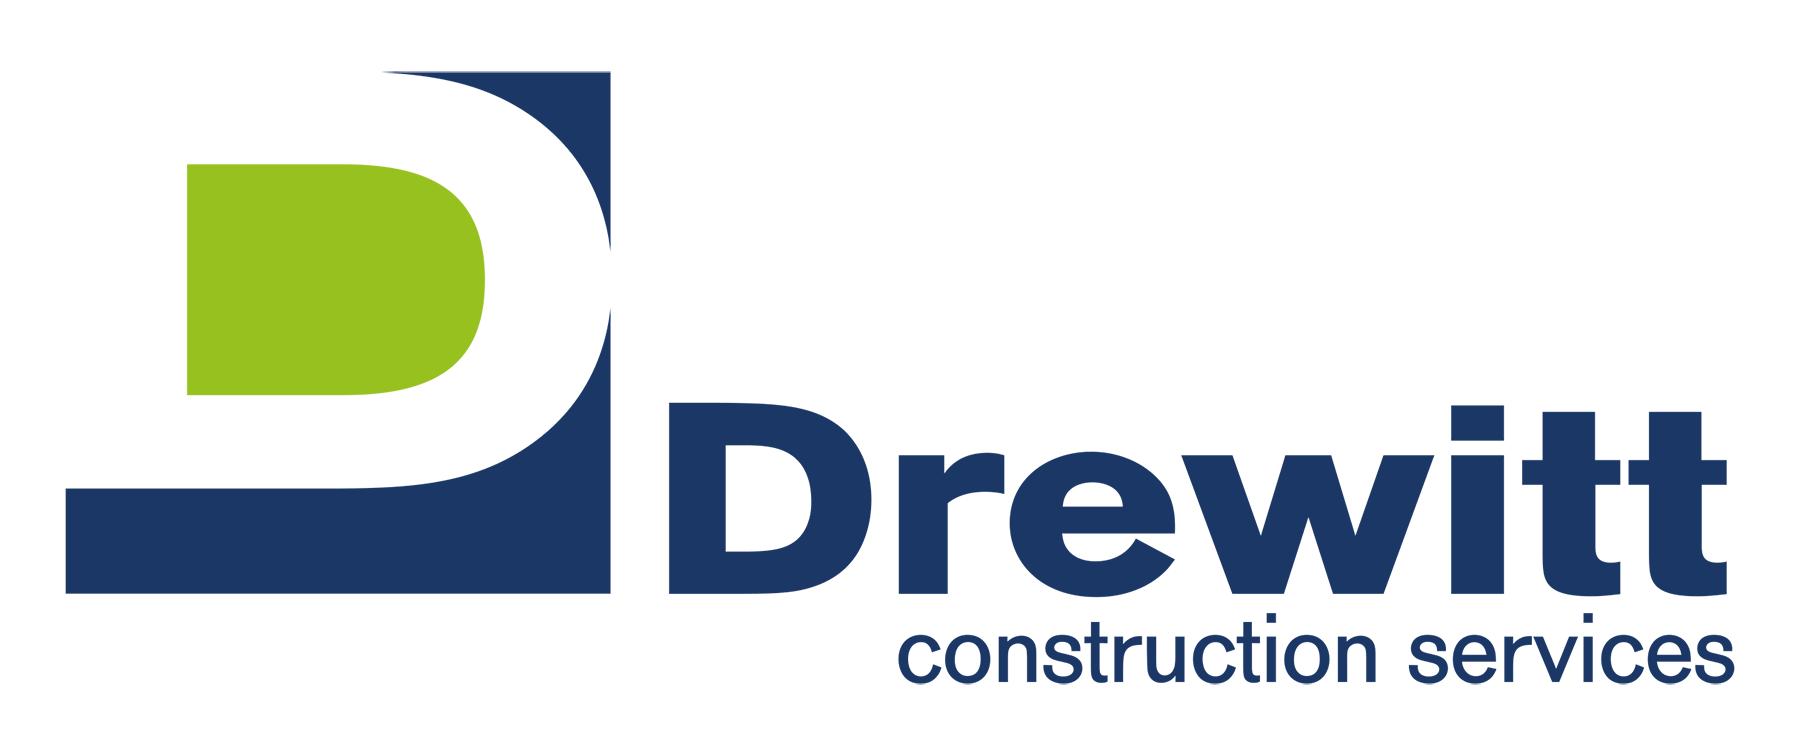 Drewitt construction